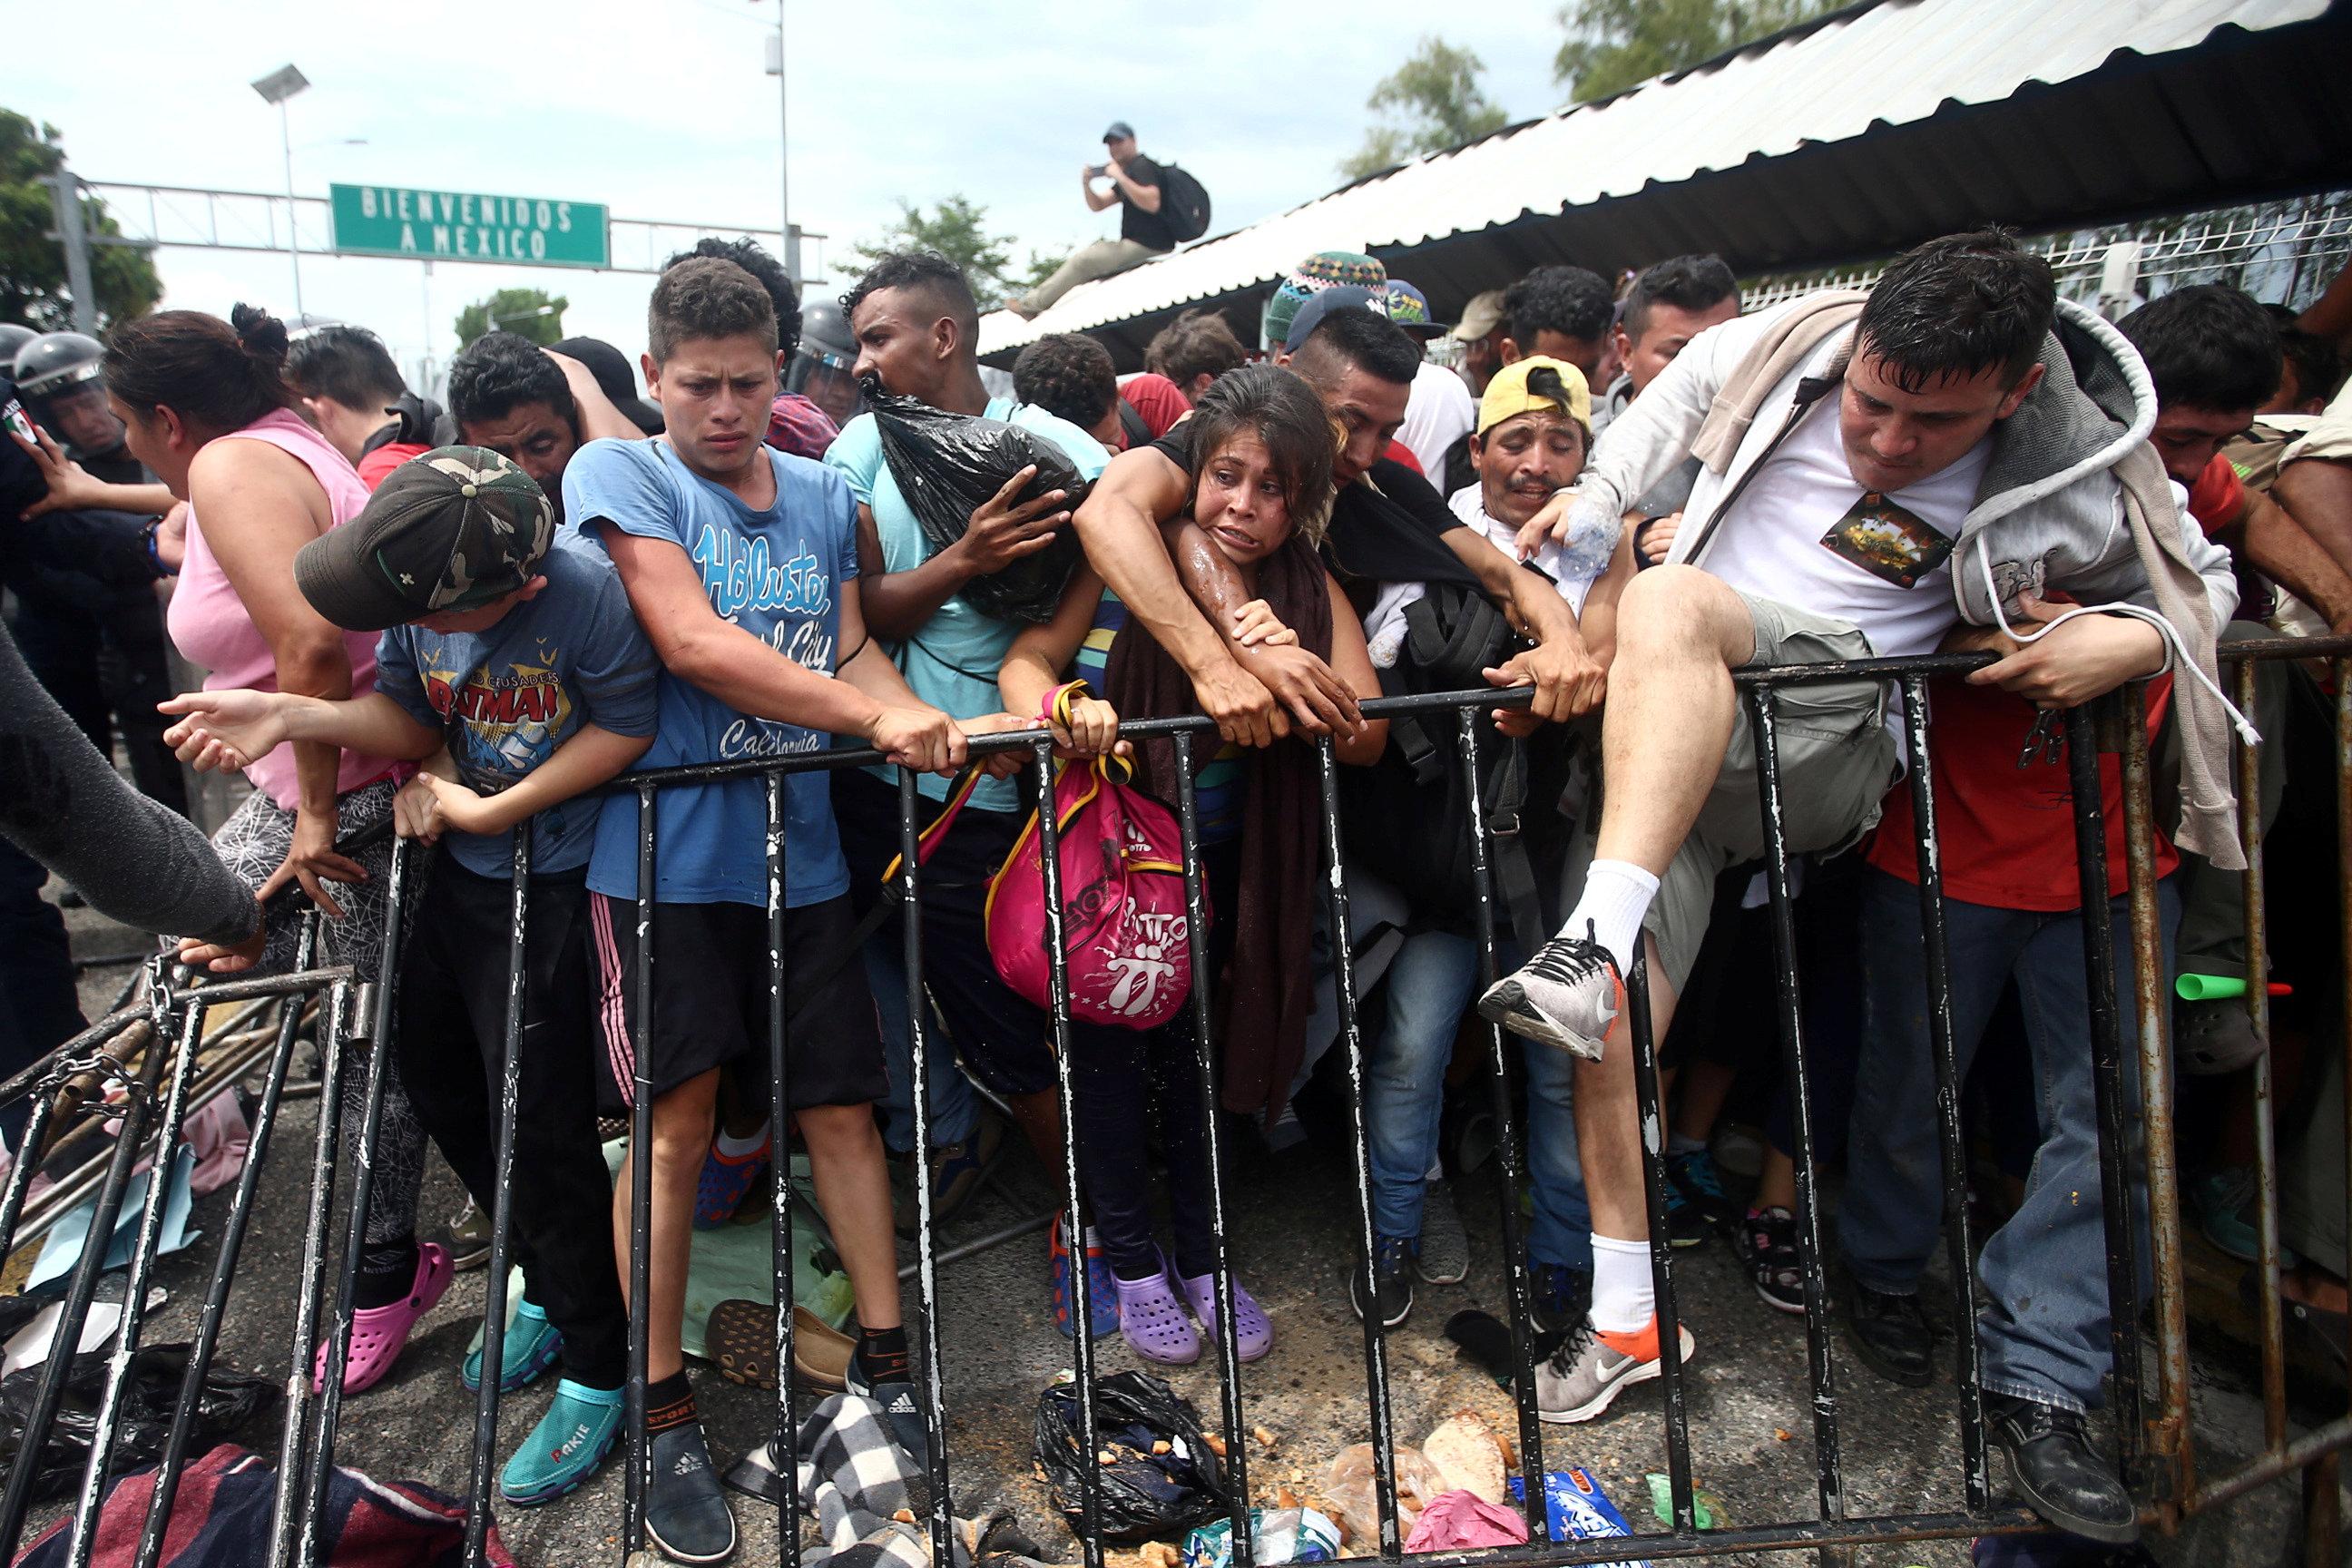 المئات يعبرون المتاريس الحديدية إلى جواتيمالا